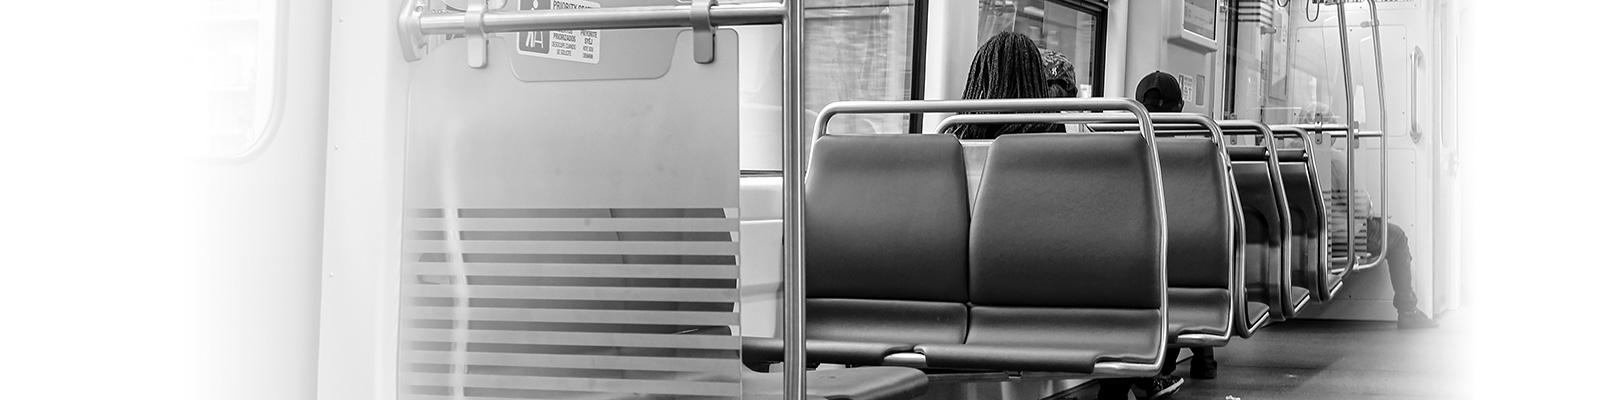 マイアミ 電車 乗客 イメージ